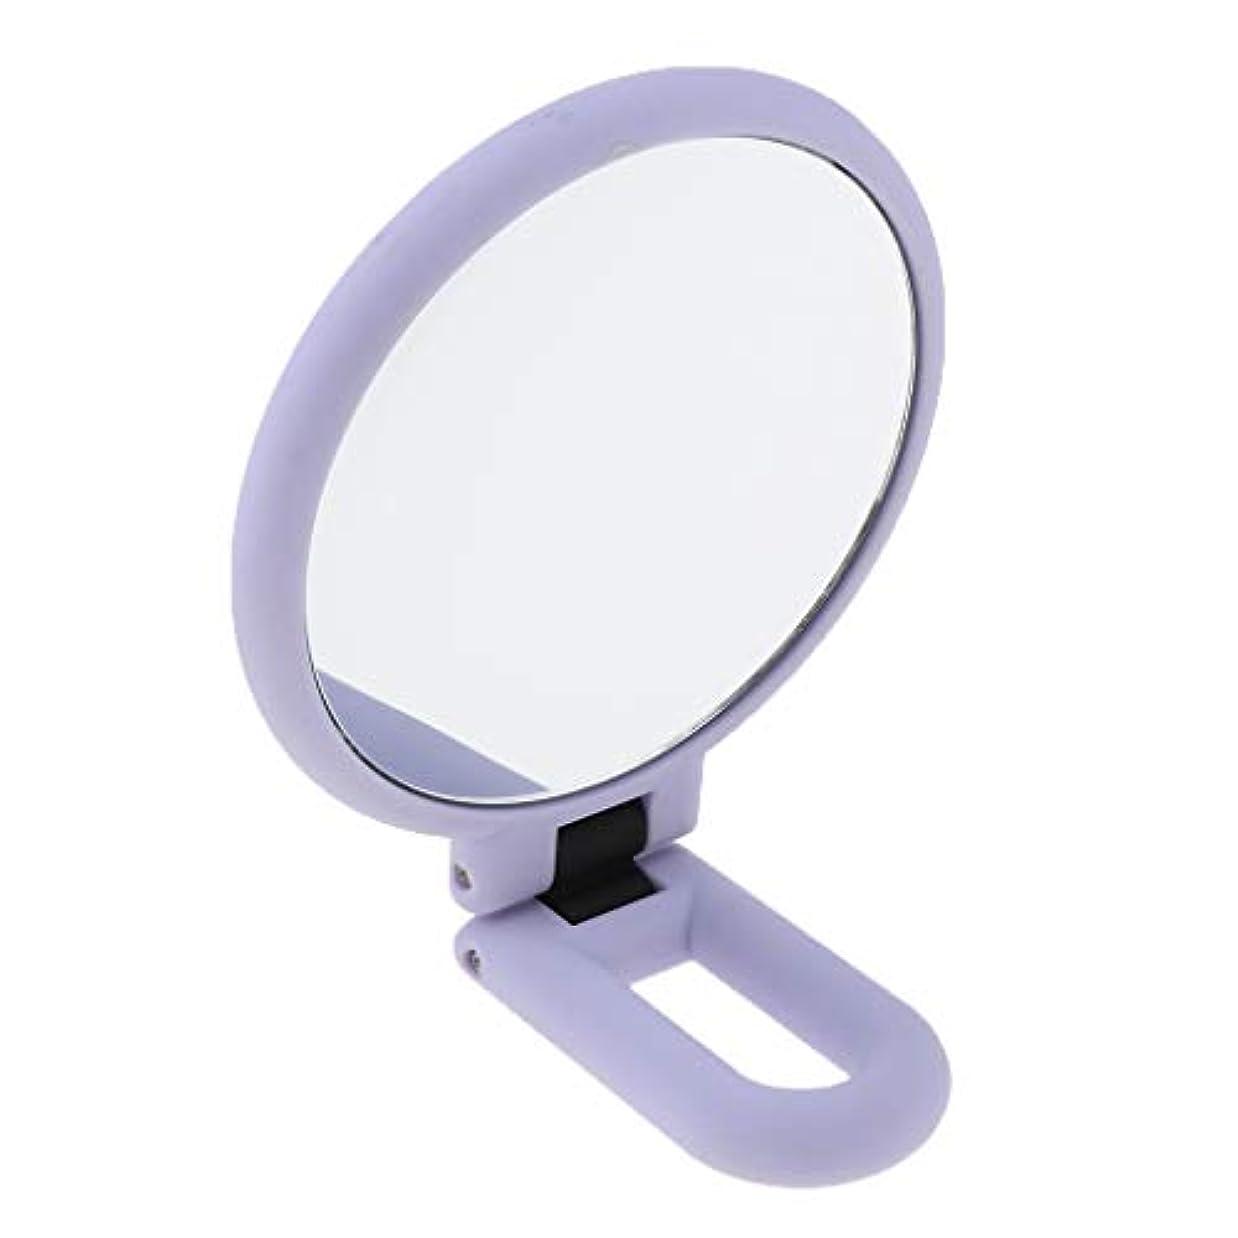 教育モルヒネ啓発する折りたたみ拡大鏡両面化粧卓上旅行ハンドヘルド折りたたみミラー - 15倍の拡大鏡